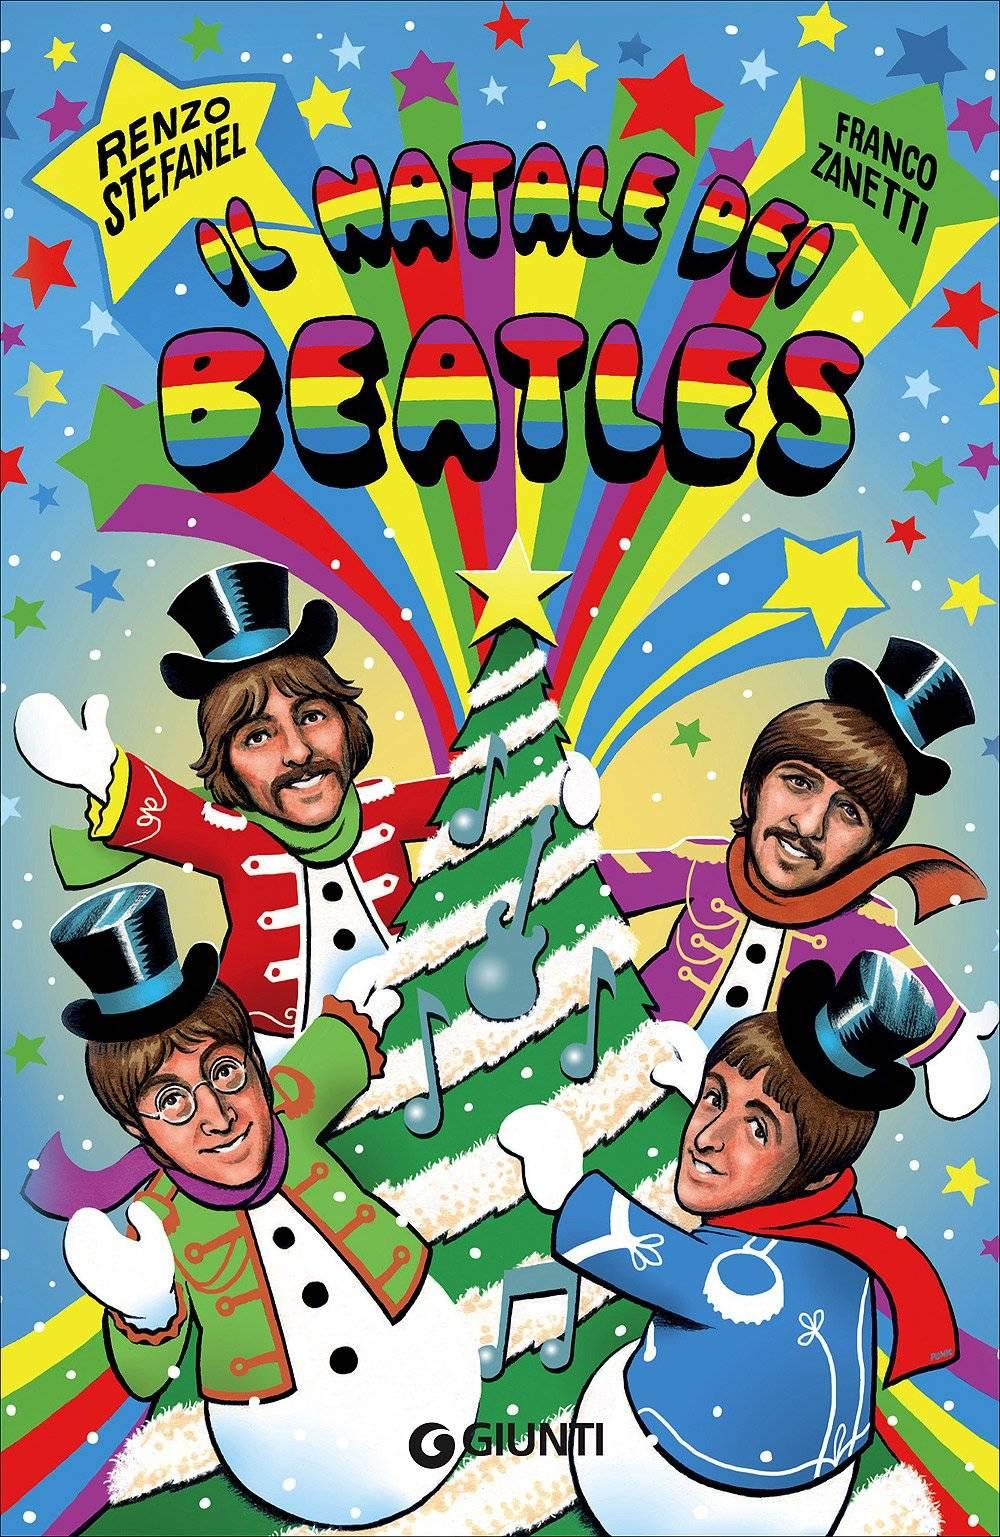 Renzo Stefanel, Franco Zanetti - Il Natale dei Beatles